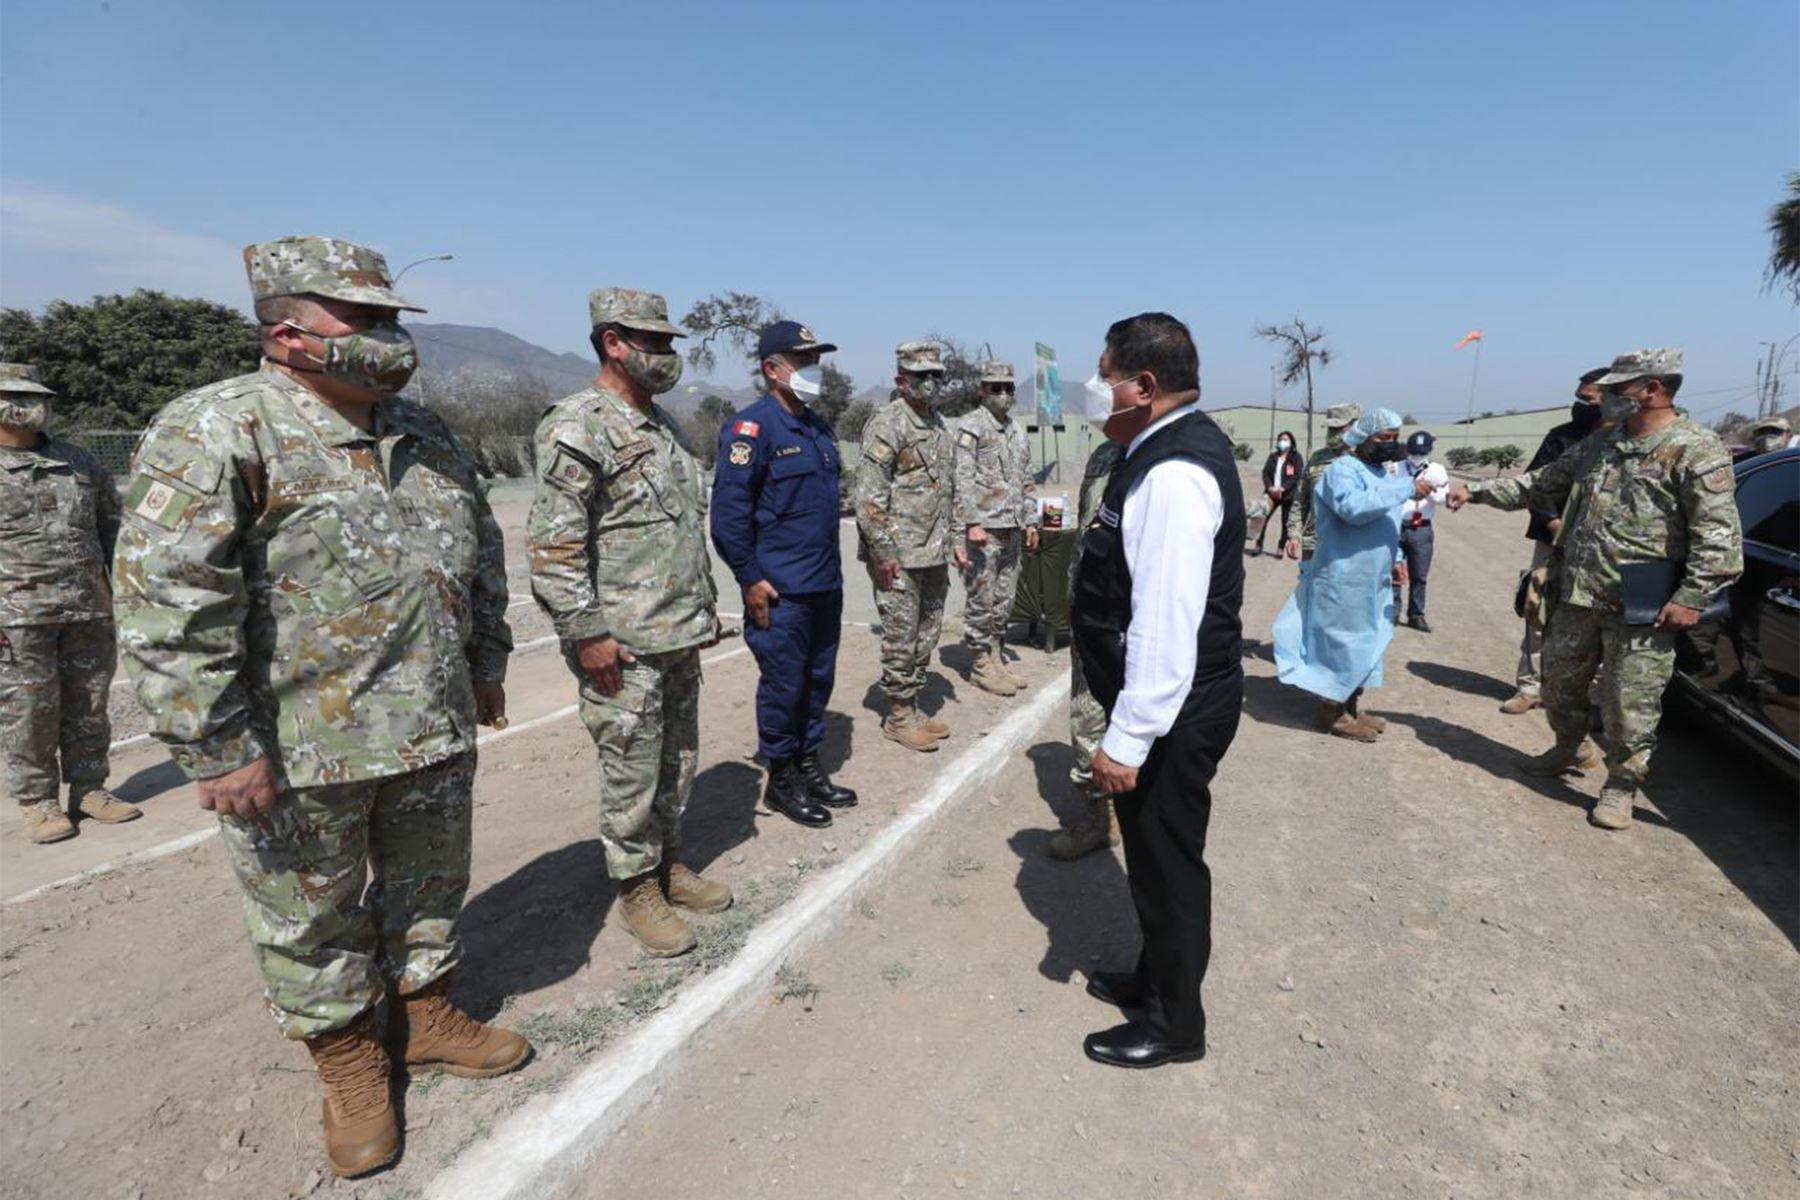 Ministro Ayala expresa reconocimiento al personal militar que apoyó a familias de SJL